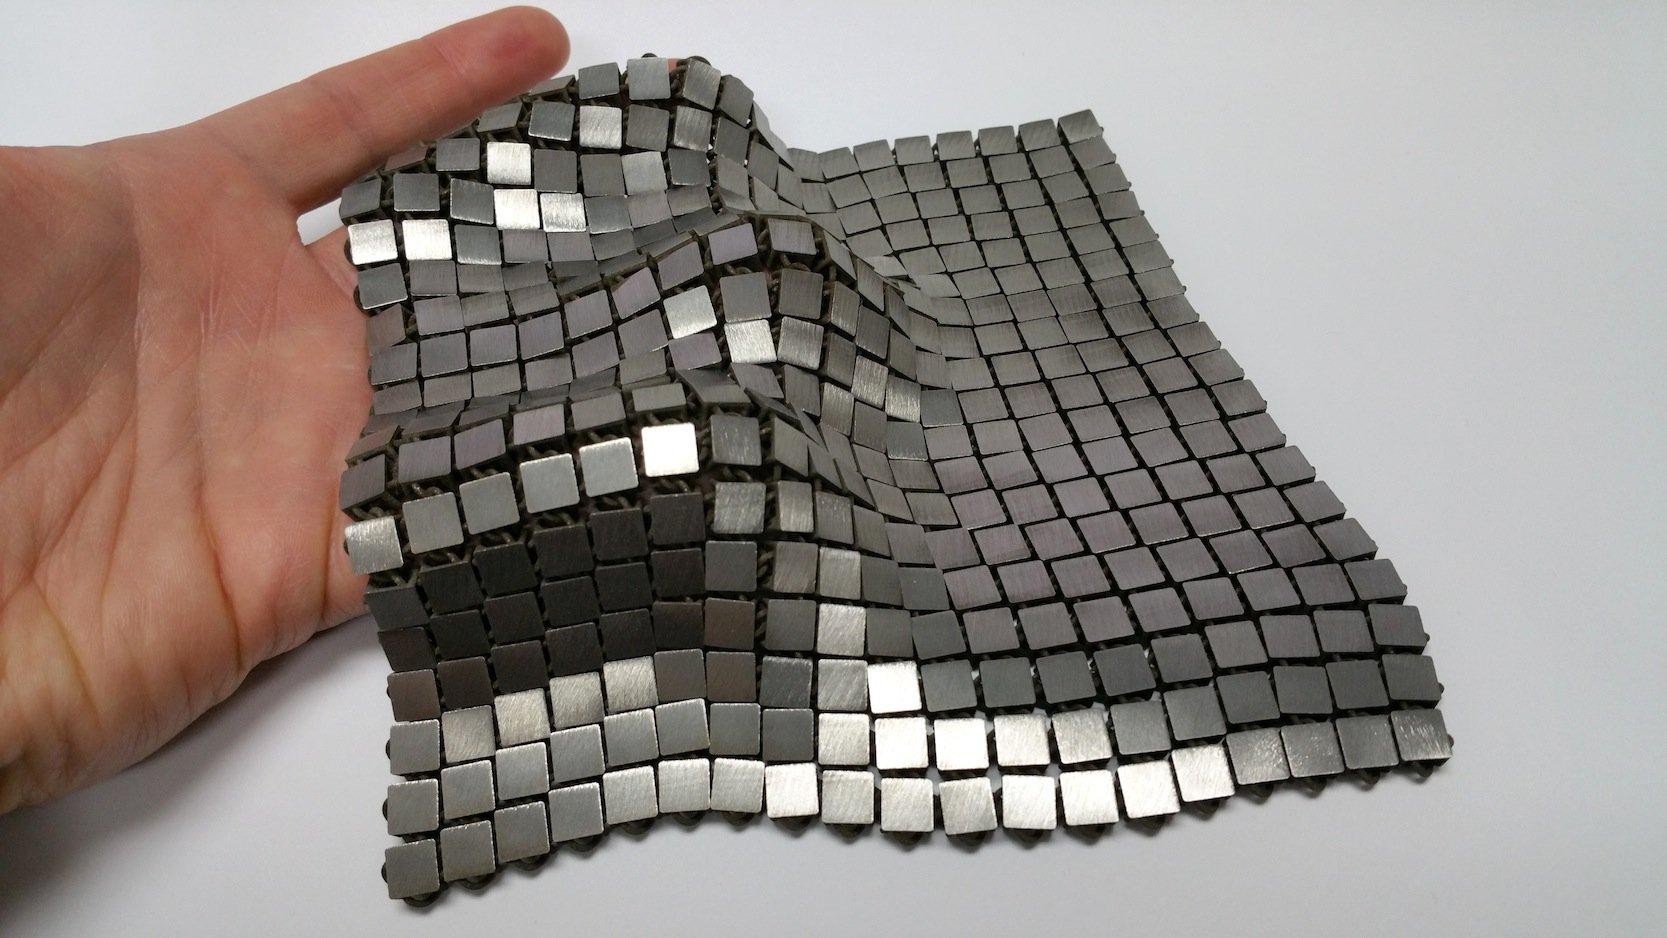 Aus dem neuen Metallgewebe könnten in Zukunft auchRaumanzüge für Astronauten hergestellt werden. Dabei sollen die 3D-Drucker das Material auch im all produzieren können.